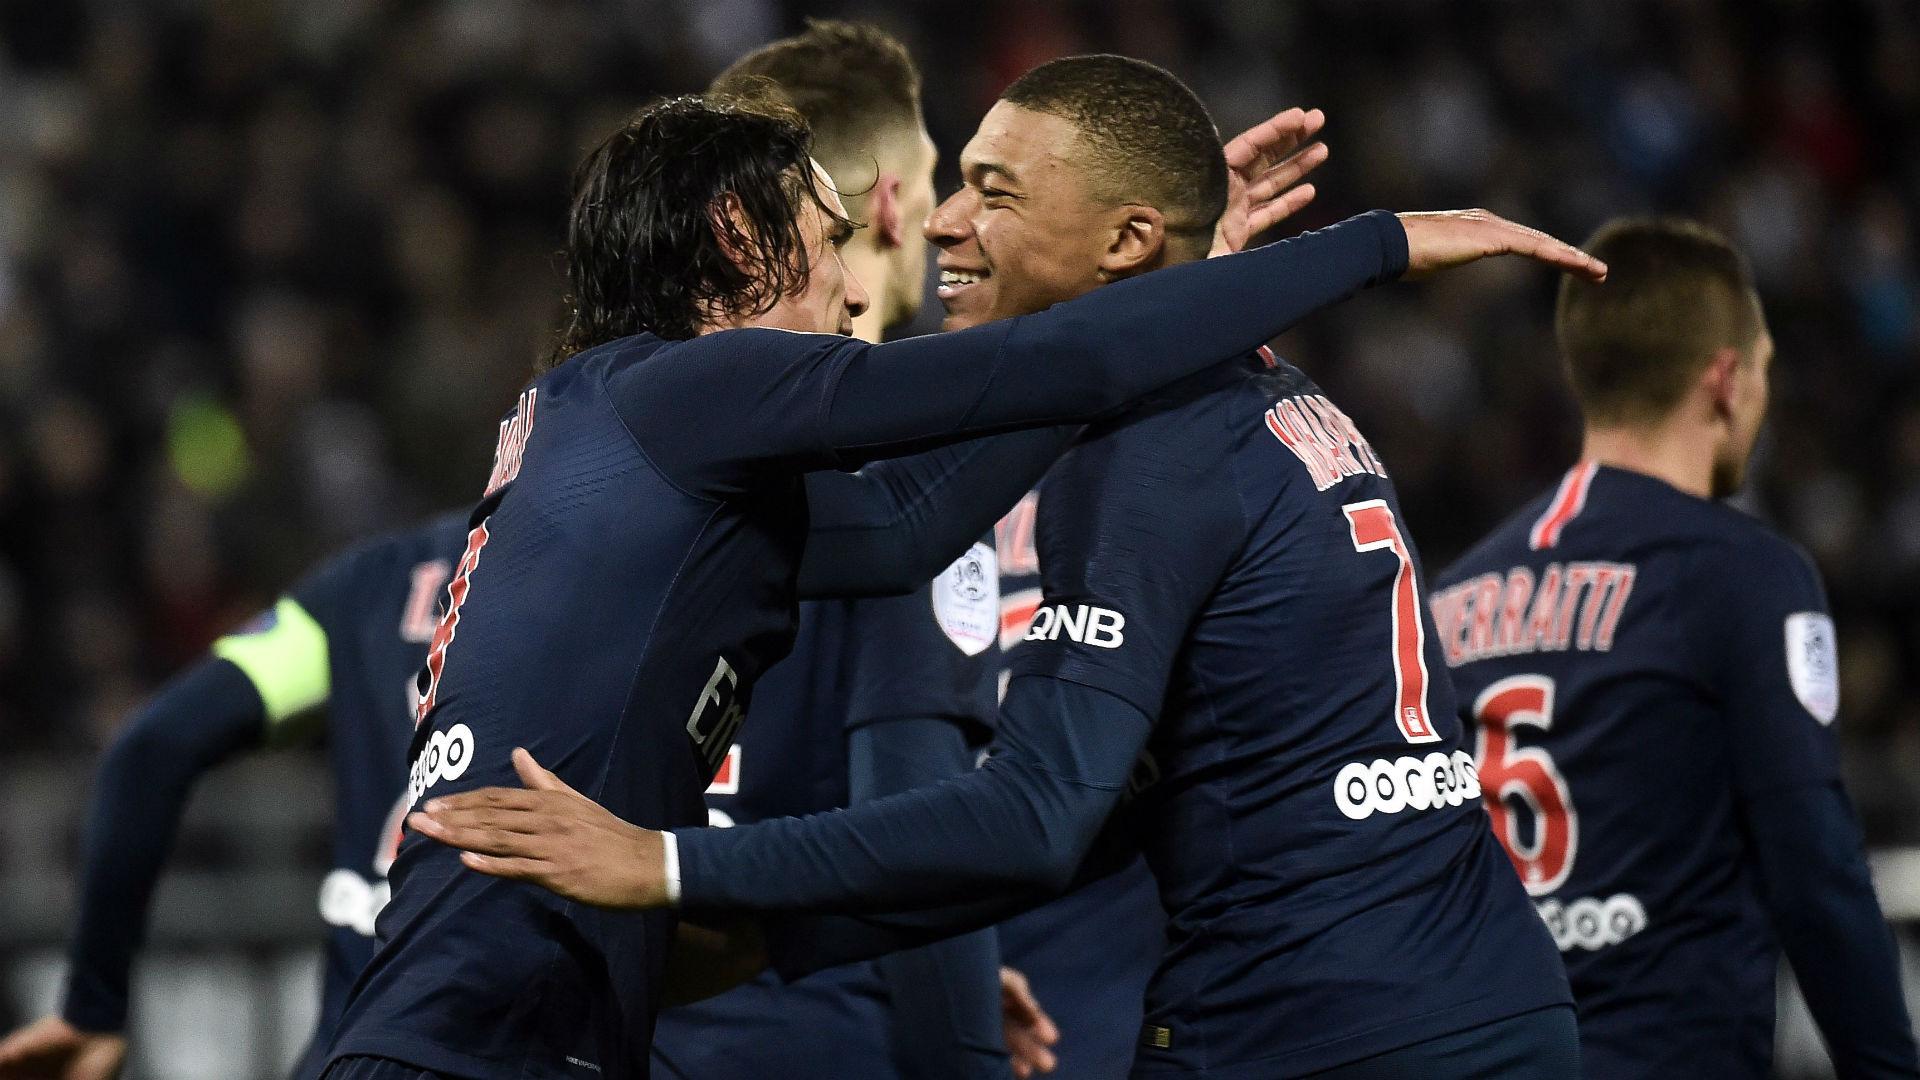 PSG : Mbappé et Cavani de retour dans le groupe pour affronter Nice